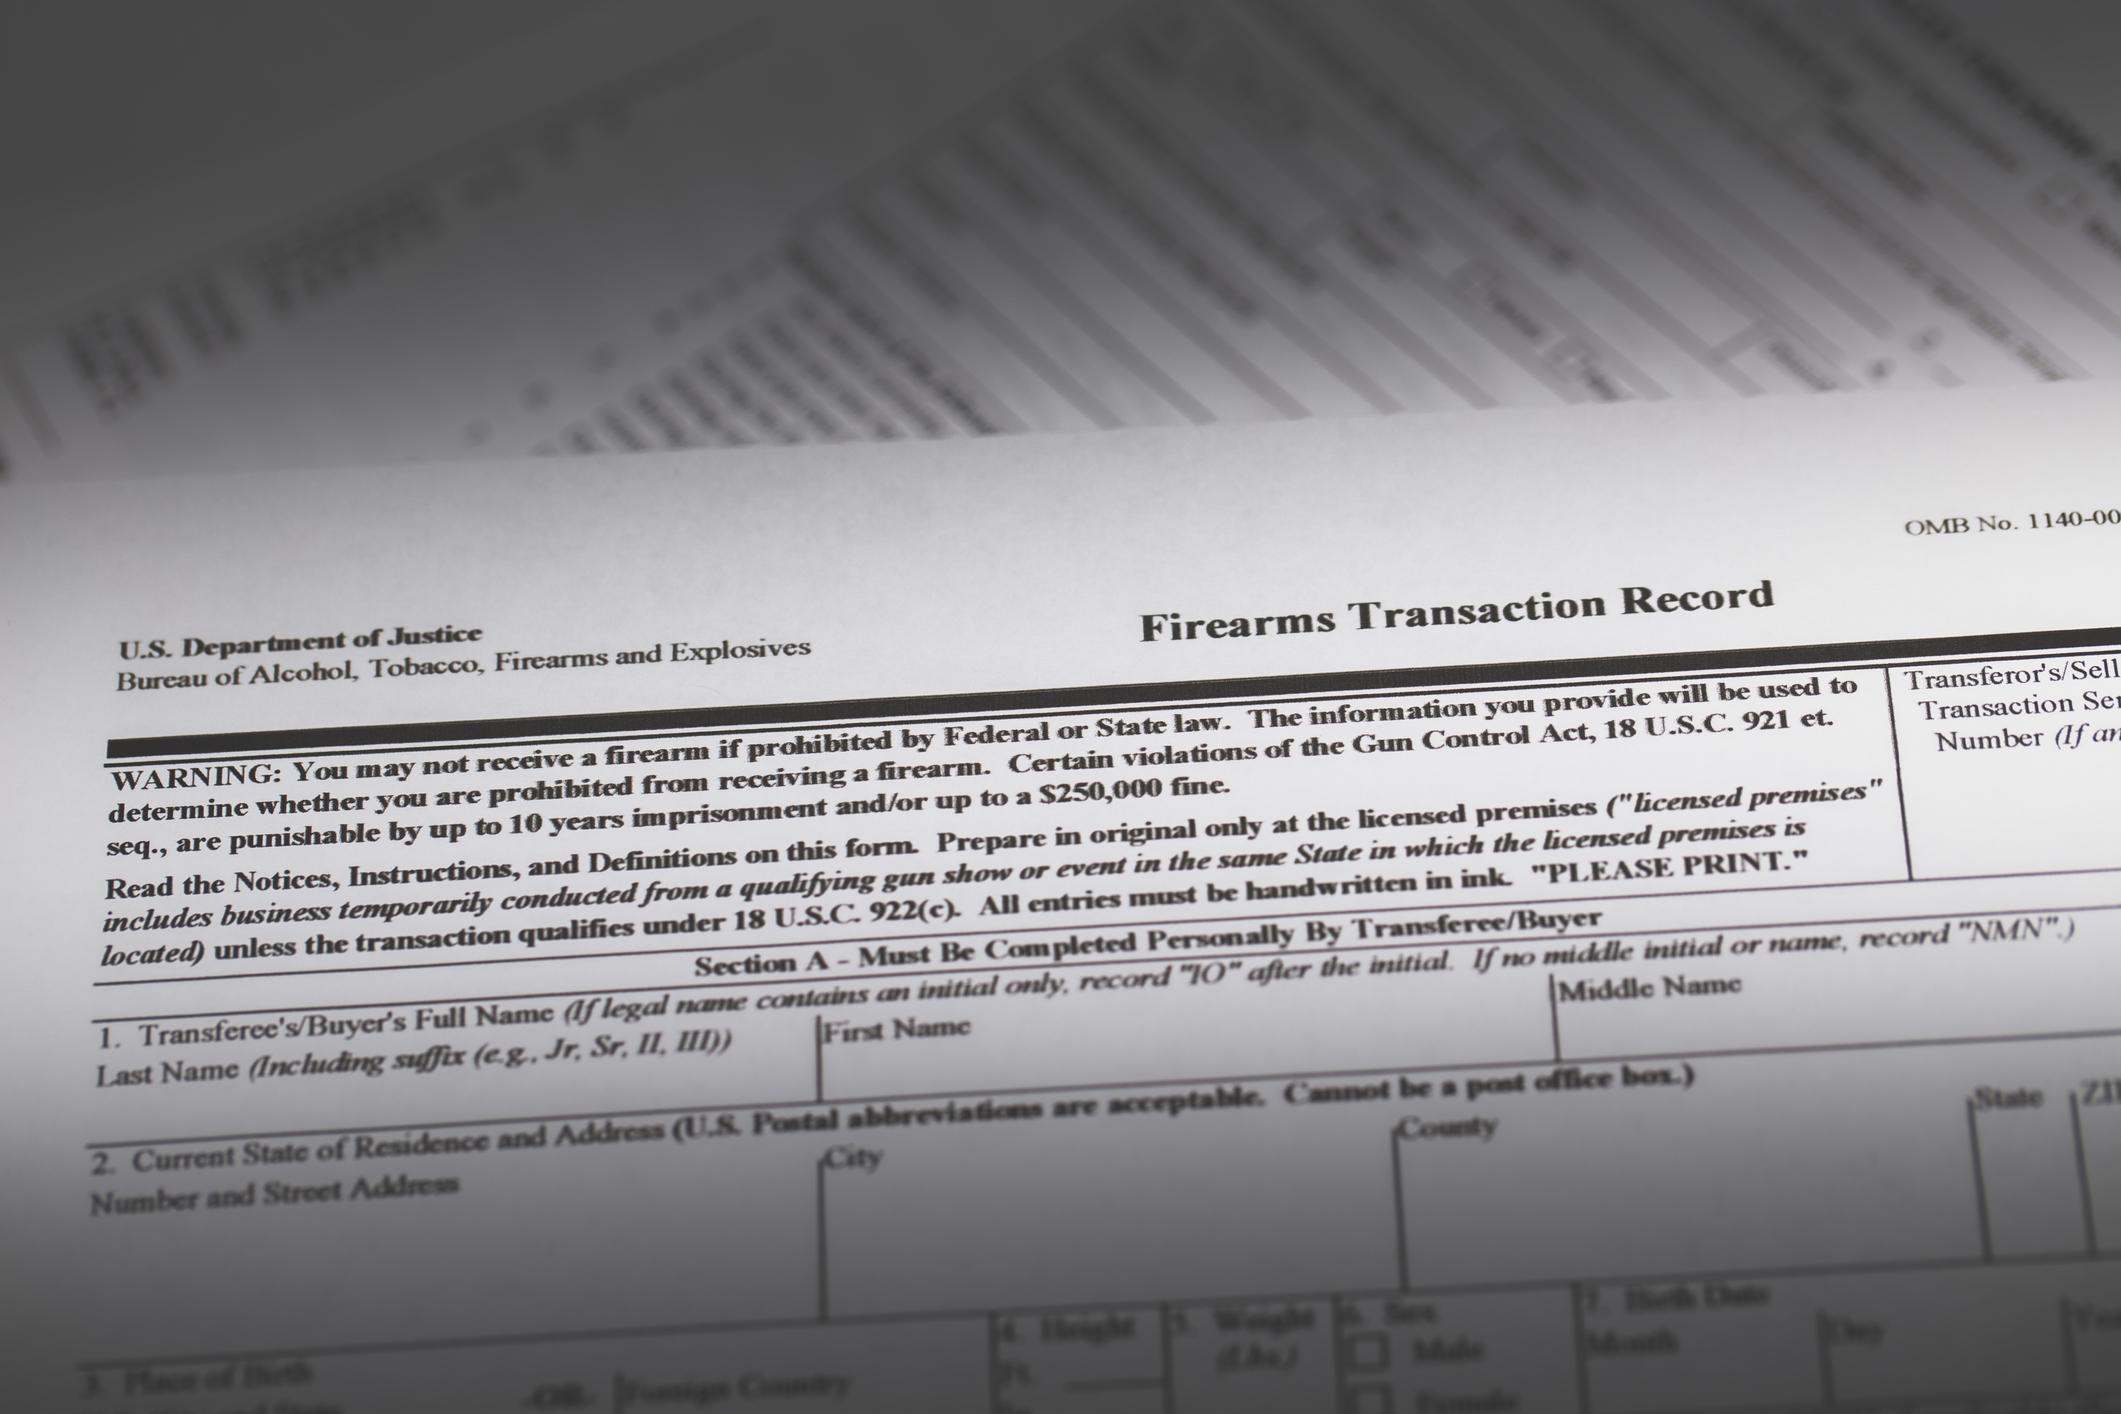 Copia en papel de un registro de transacción de armas de fuego